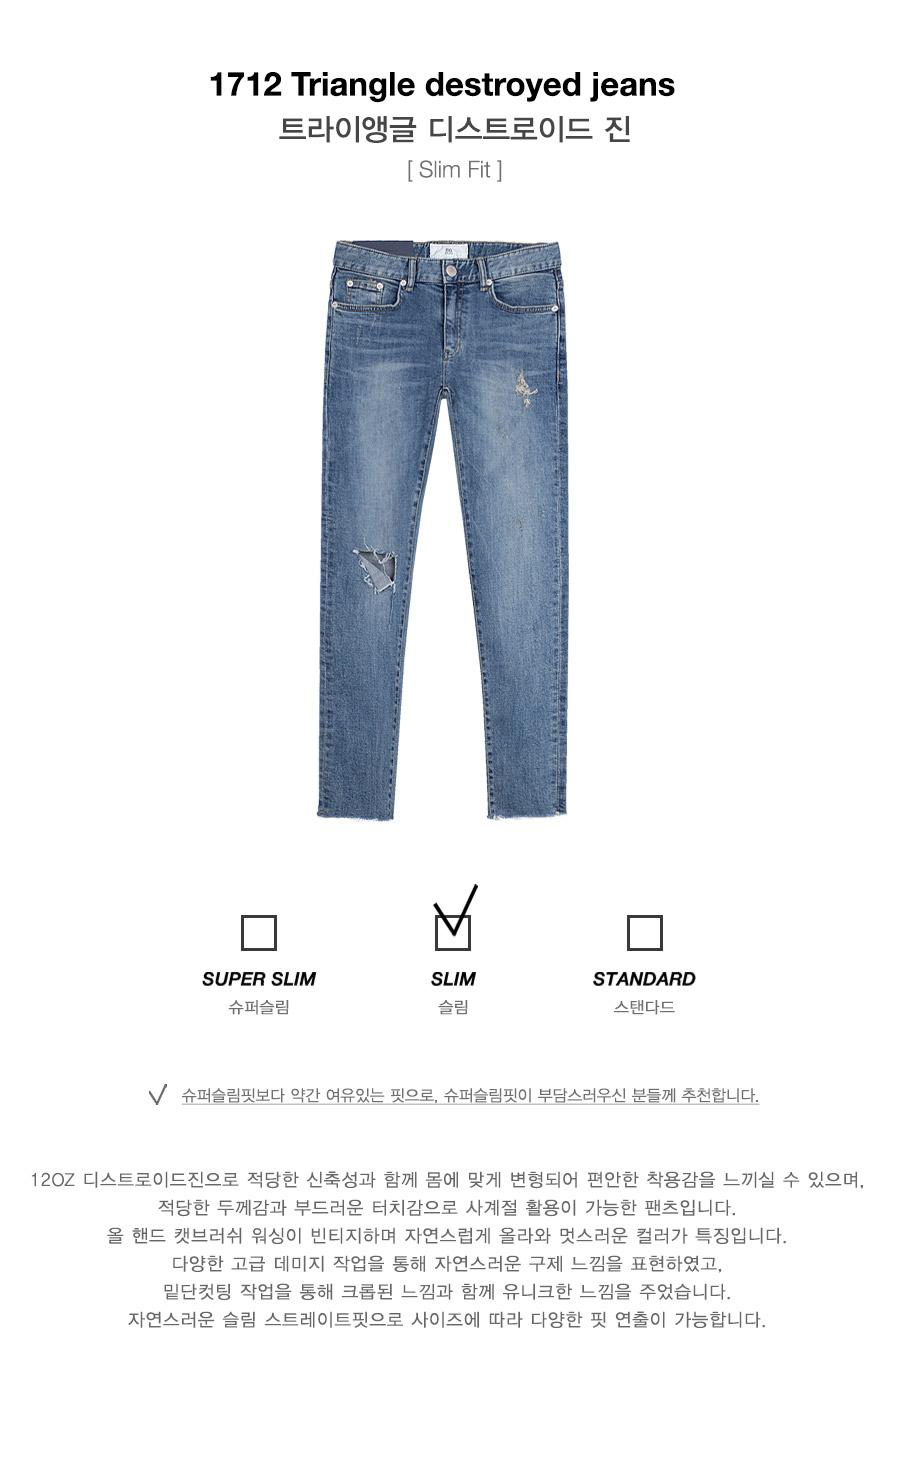 86로드(86ROAD) 86RJ-1712 triangle destroyed jeans